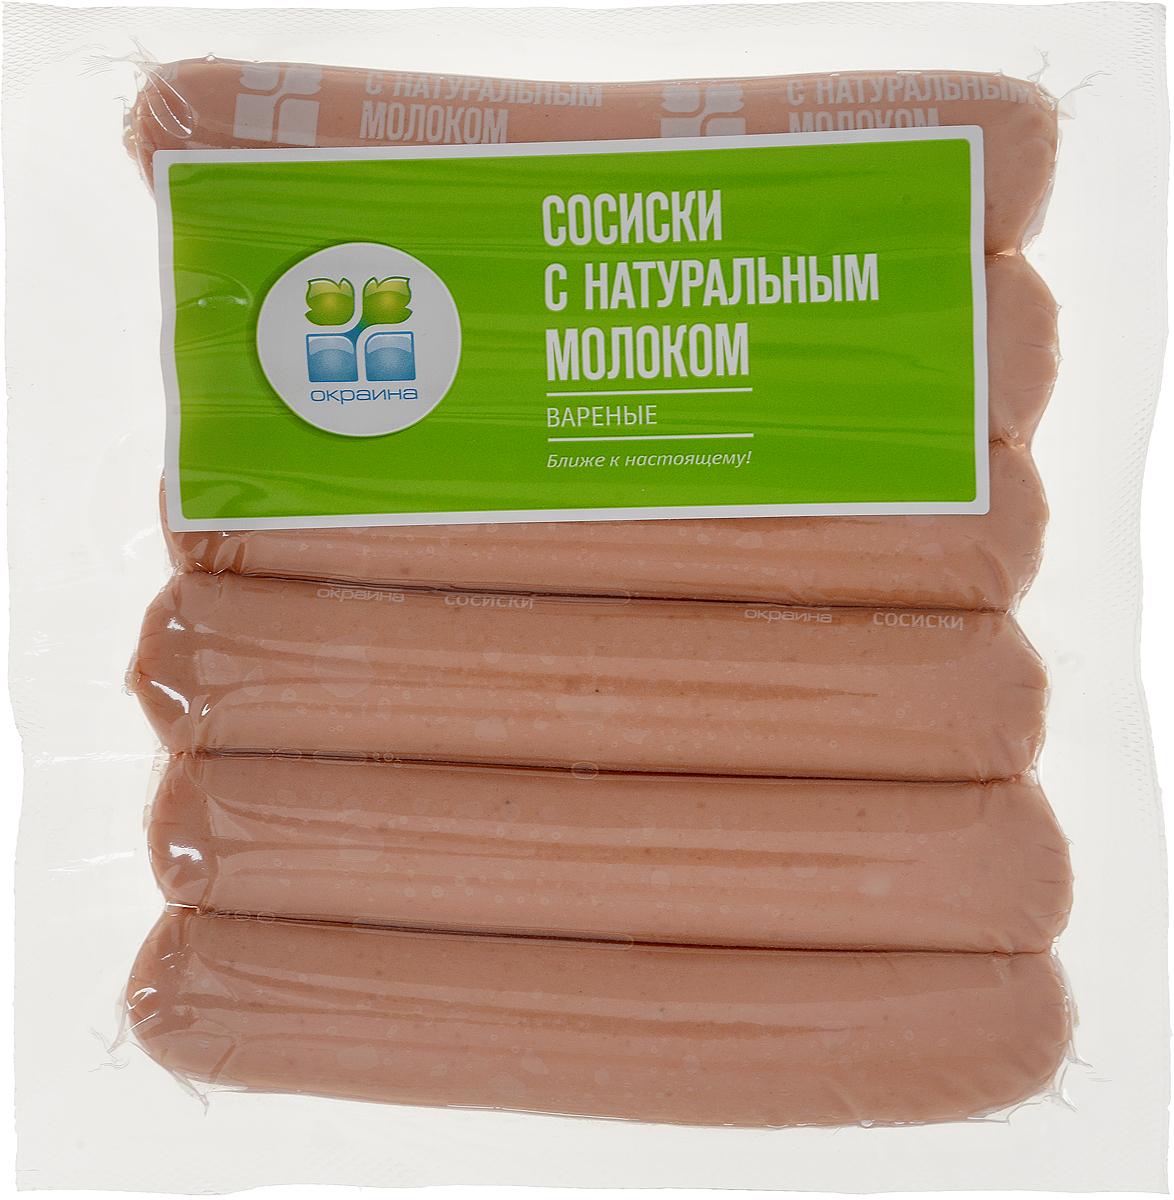 Окраина Сосиски с натуральным молоком в целлофановой оболочке, 420 г